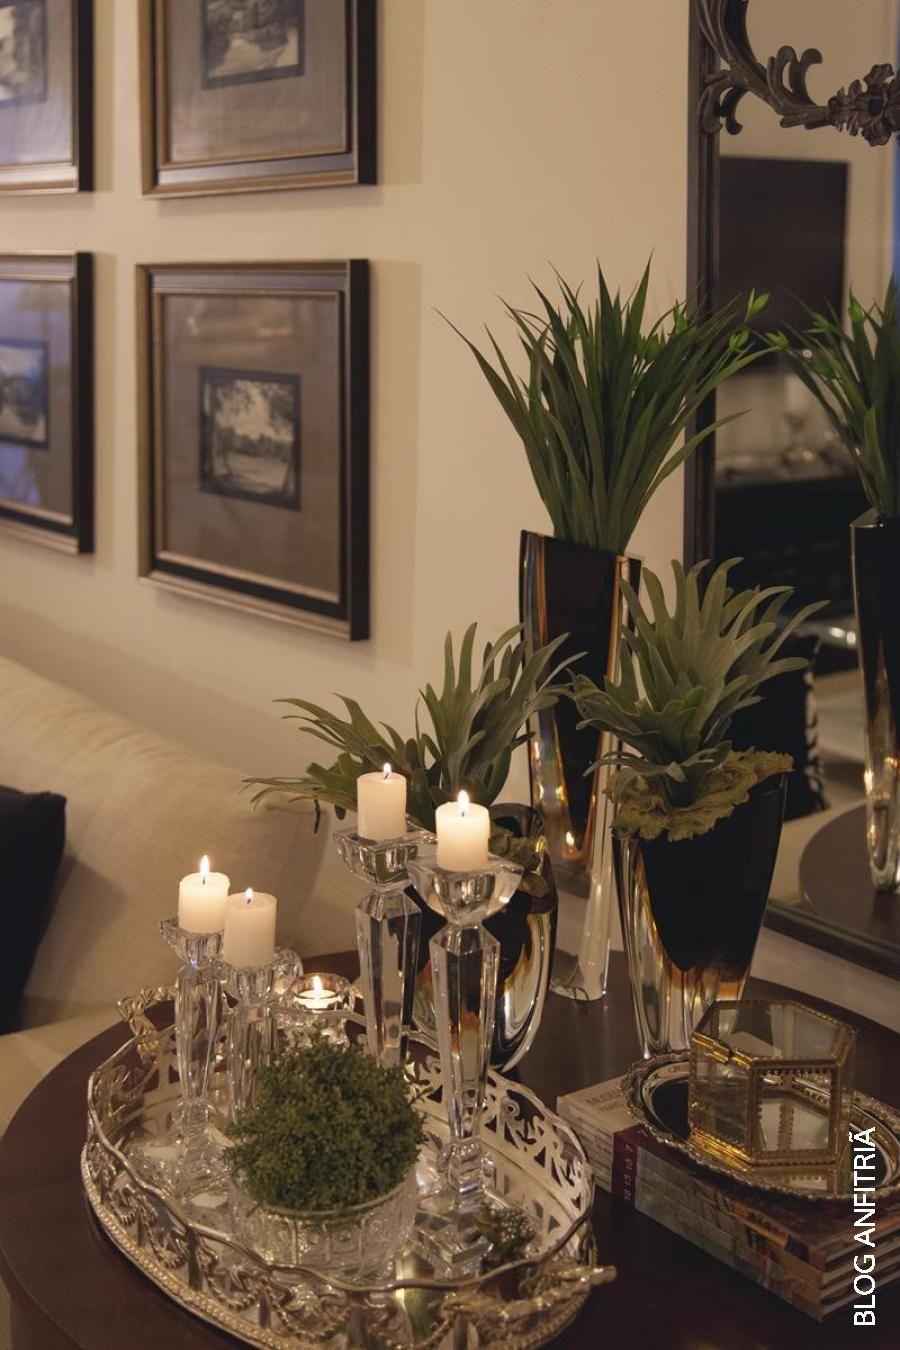 Anfitriã como receber em casa, receber, decoração, festas, decoração ...